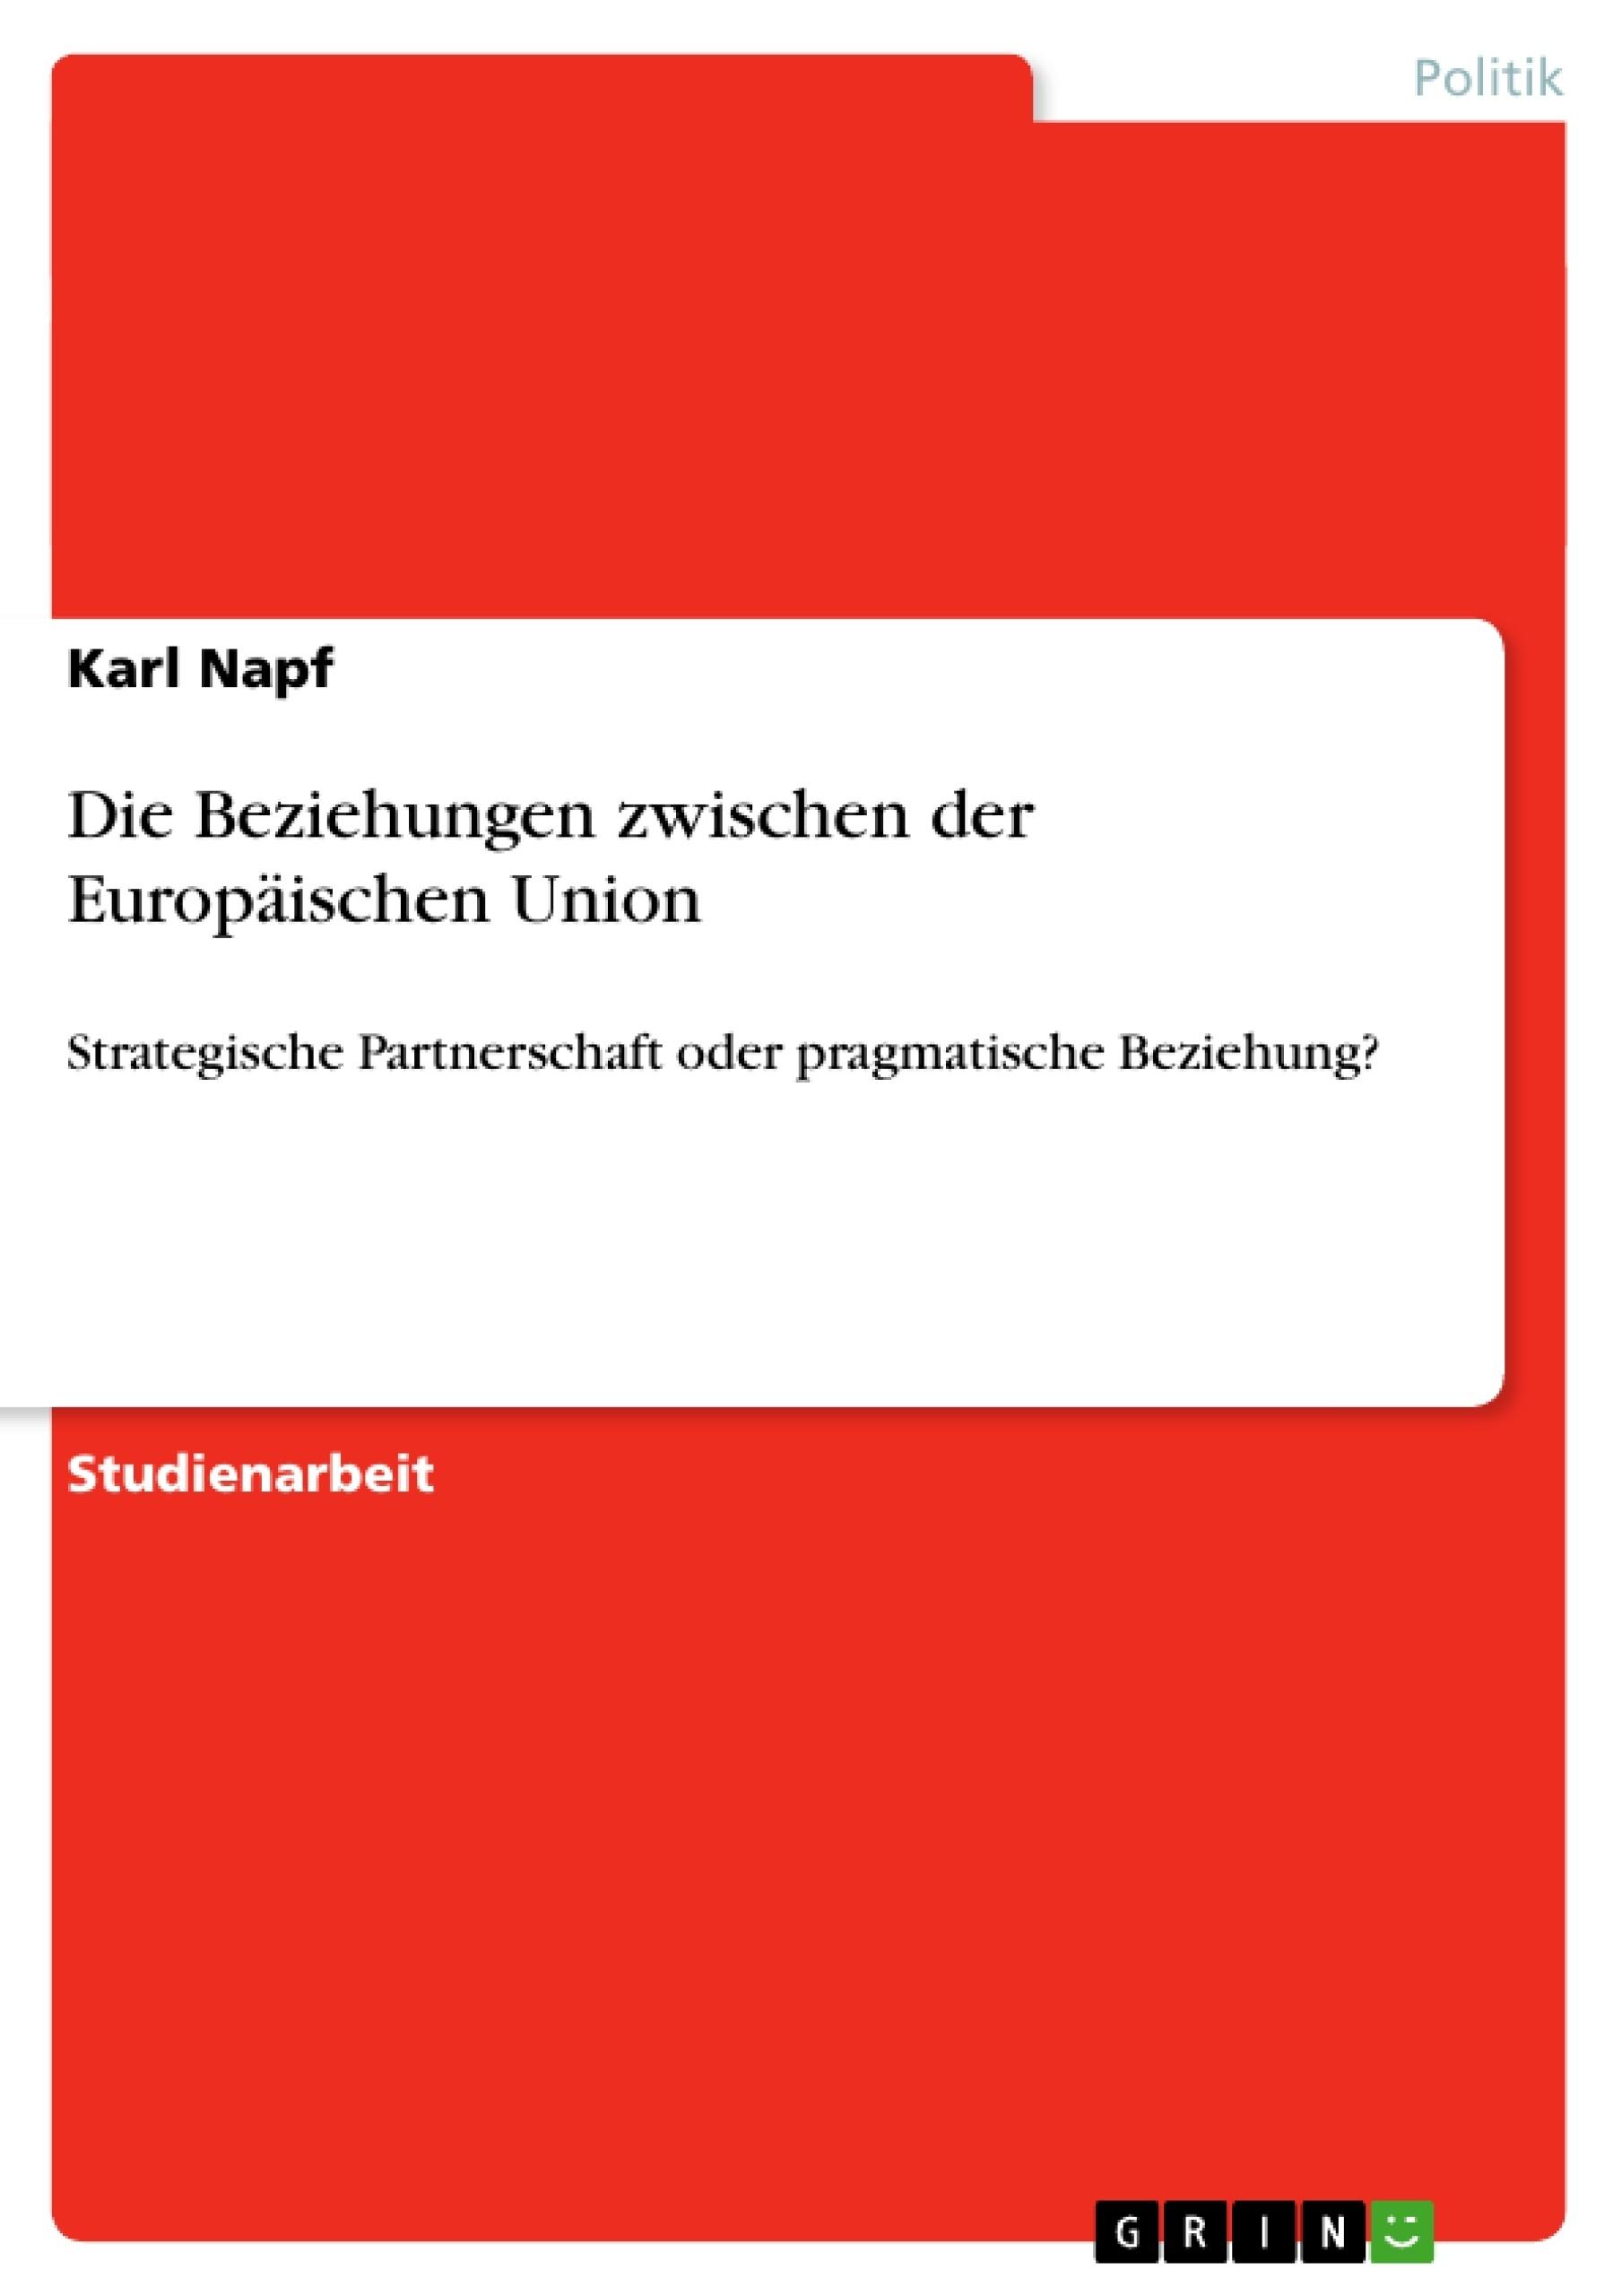 Titel: Die Beziehungen zwischen der Europäischen Union